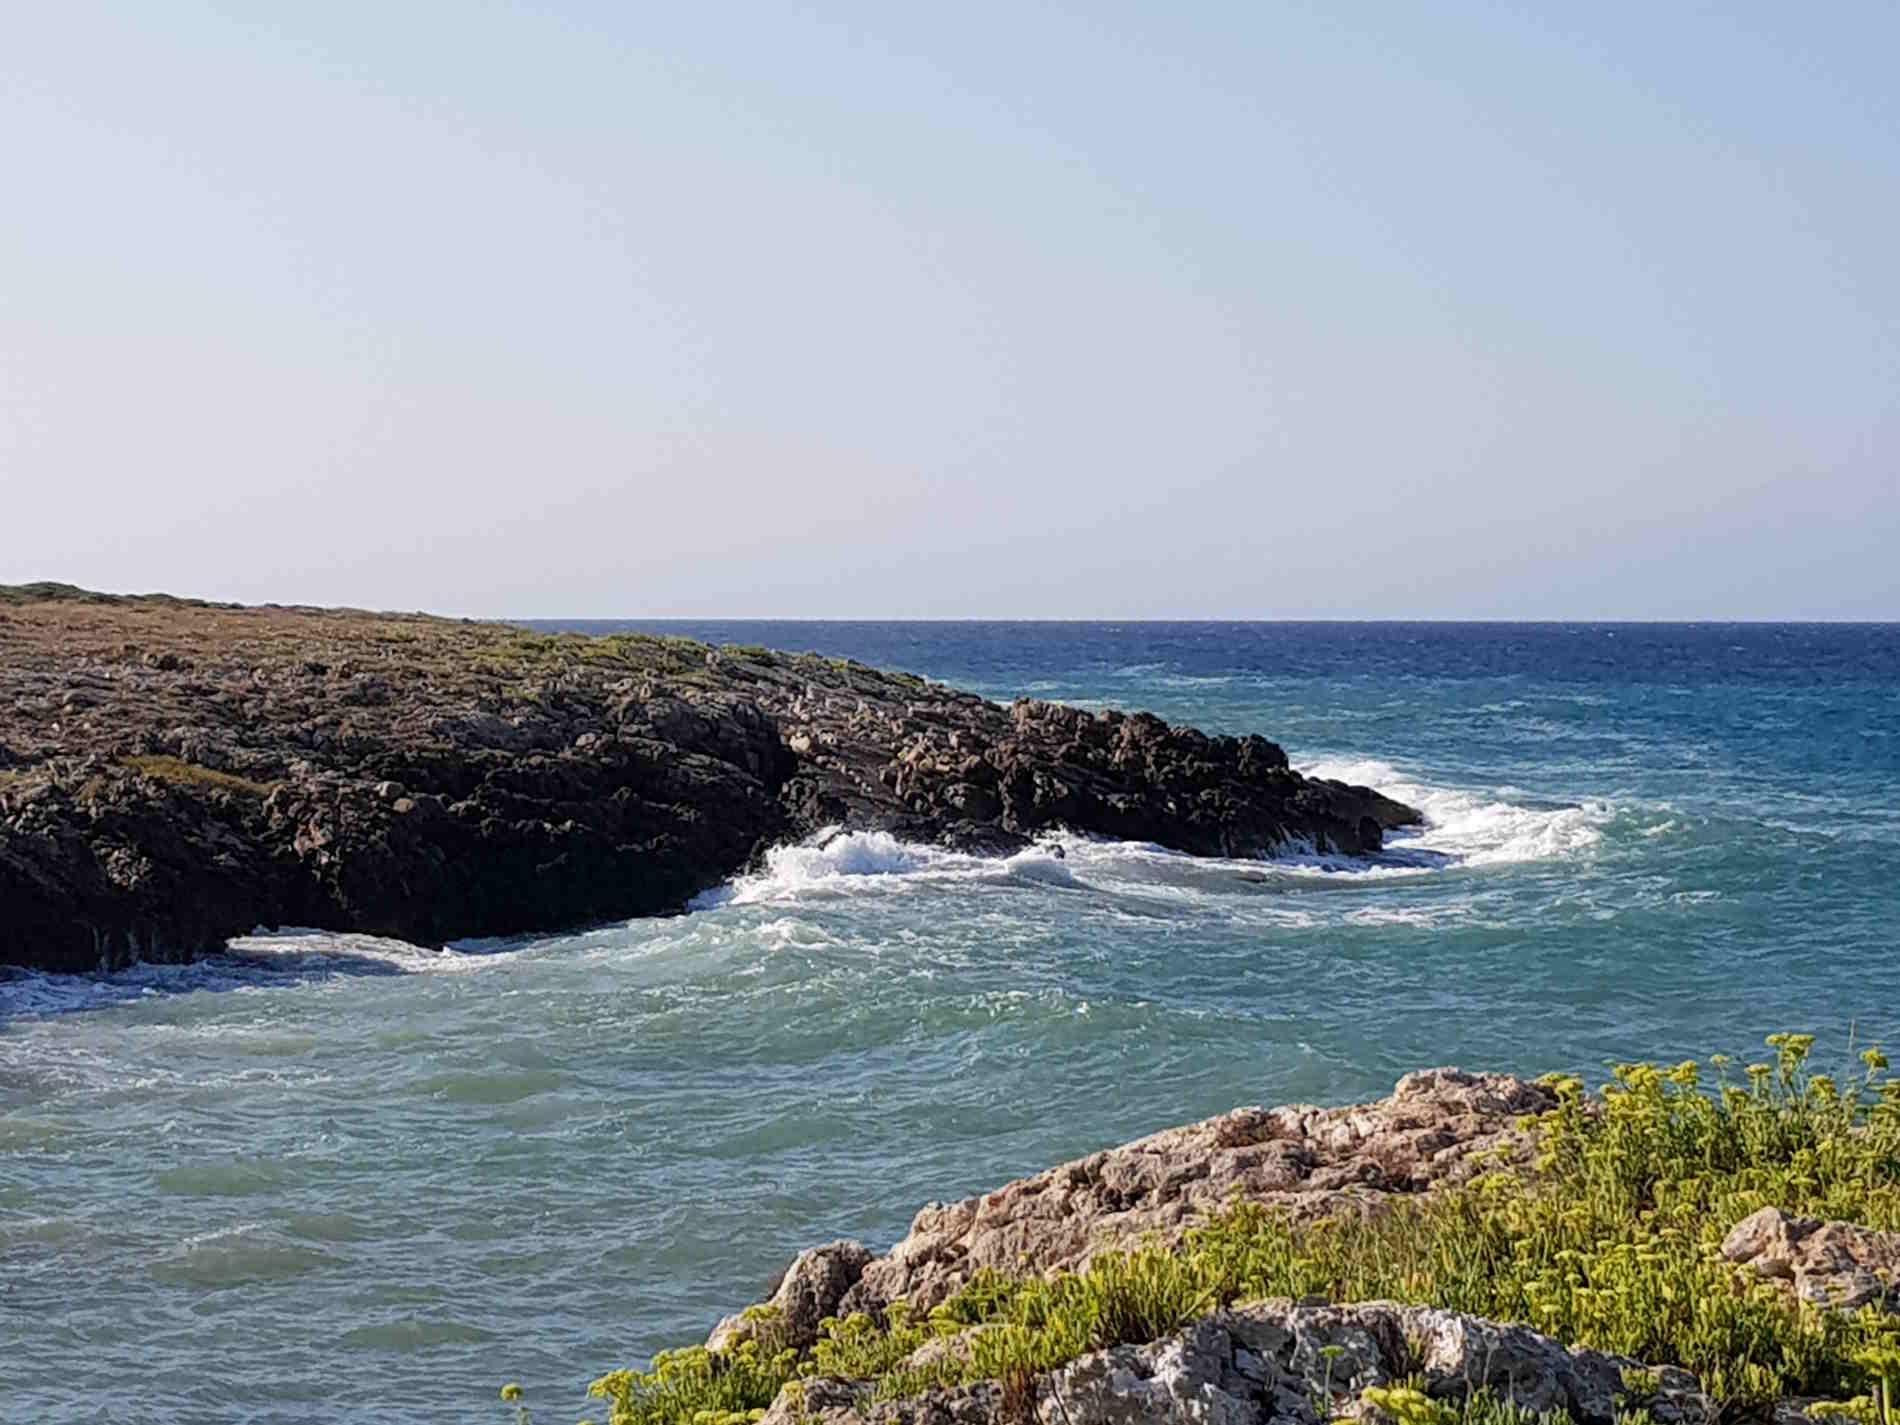 Le coste rocciose ed i profumi delle Marine di Ugento per Vacanze in Salento